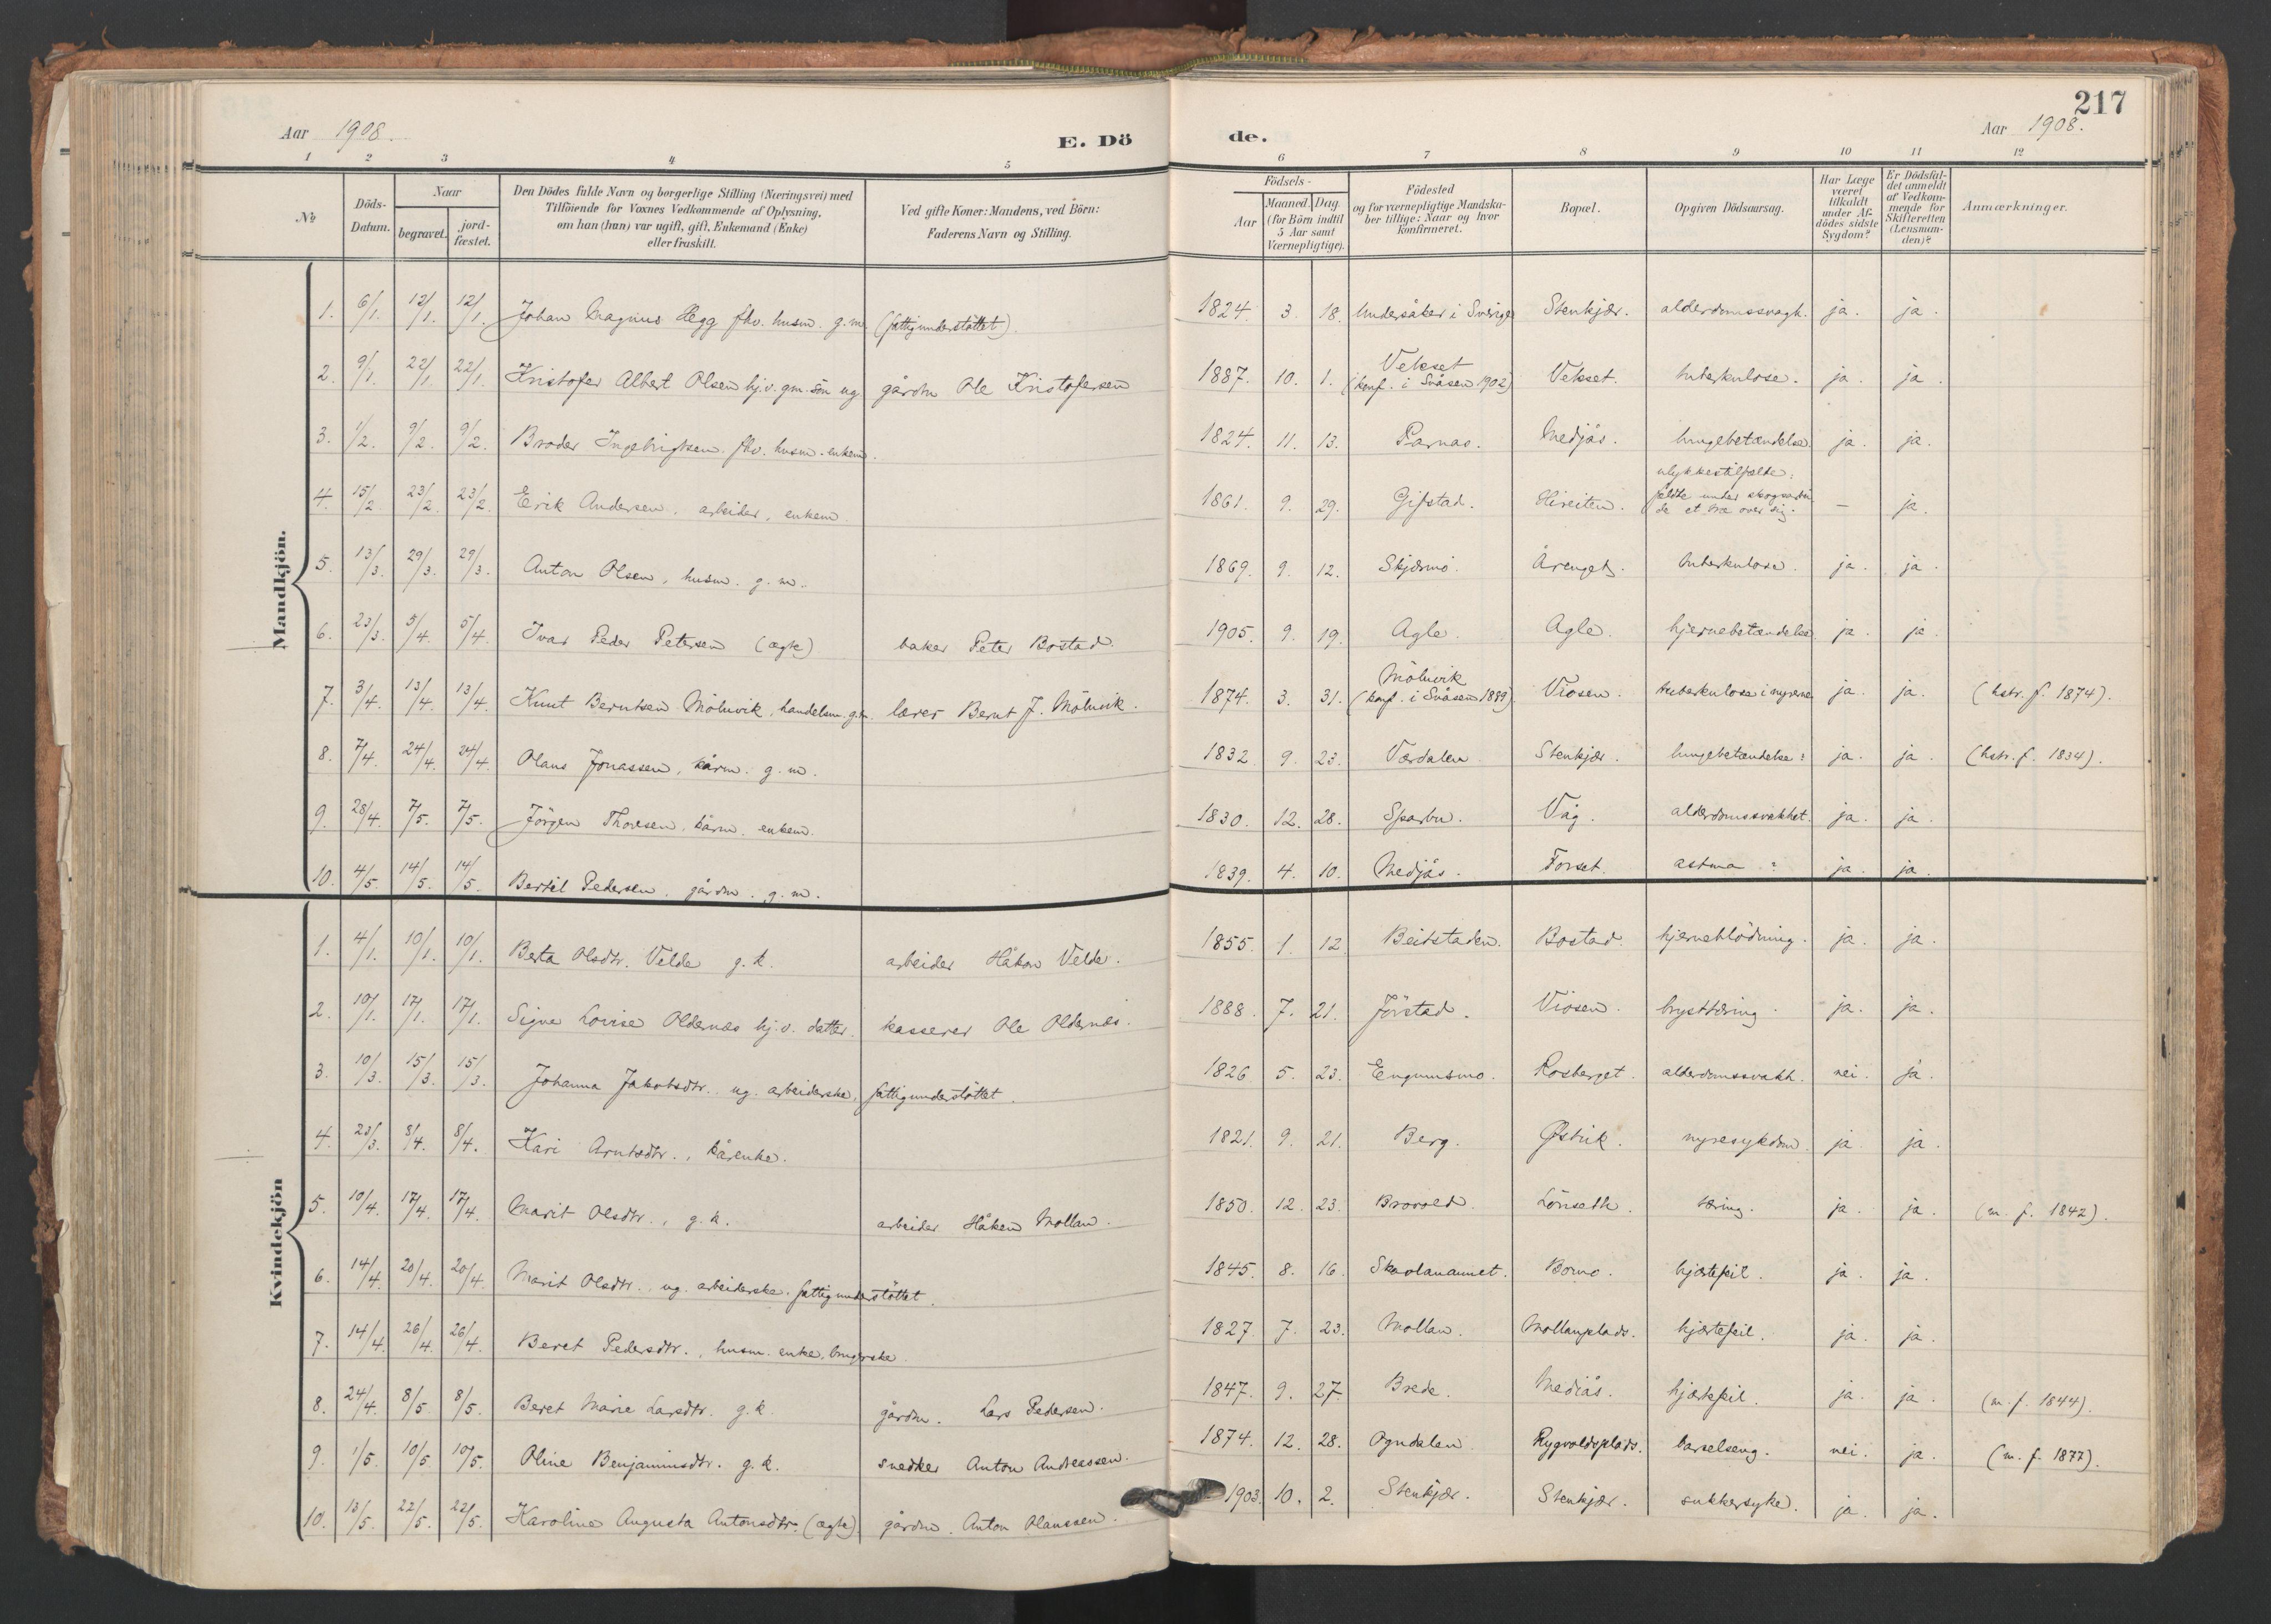 SAT, Ministerialprotokoller, klokkerbøker og fødselsregistre - Nord-Trøndelag, 749/L0477: Ministerialbok nr. 749A11, 1902-1927, s. 217